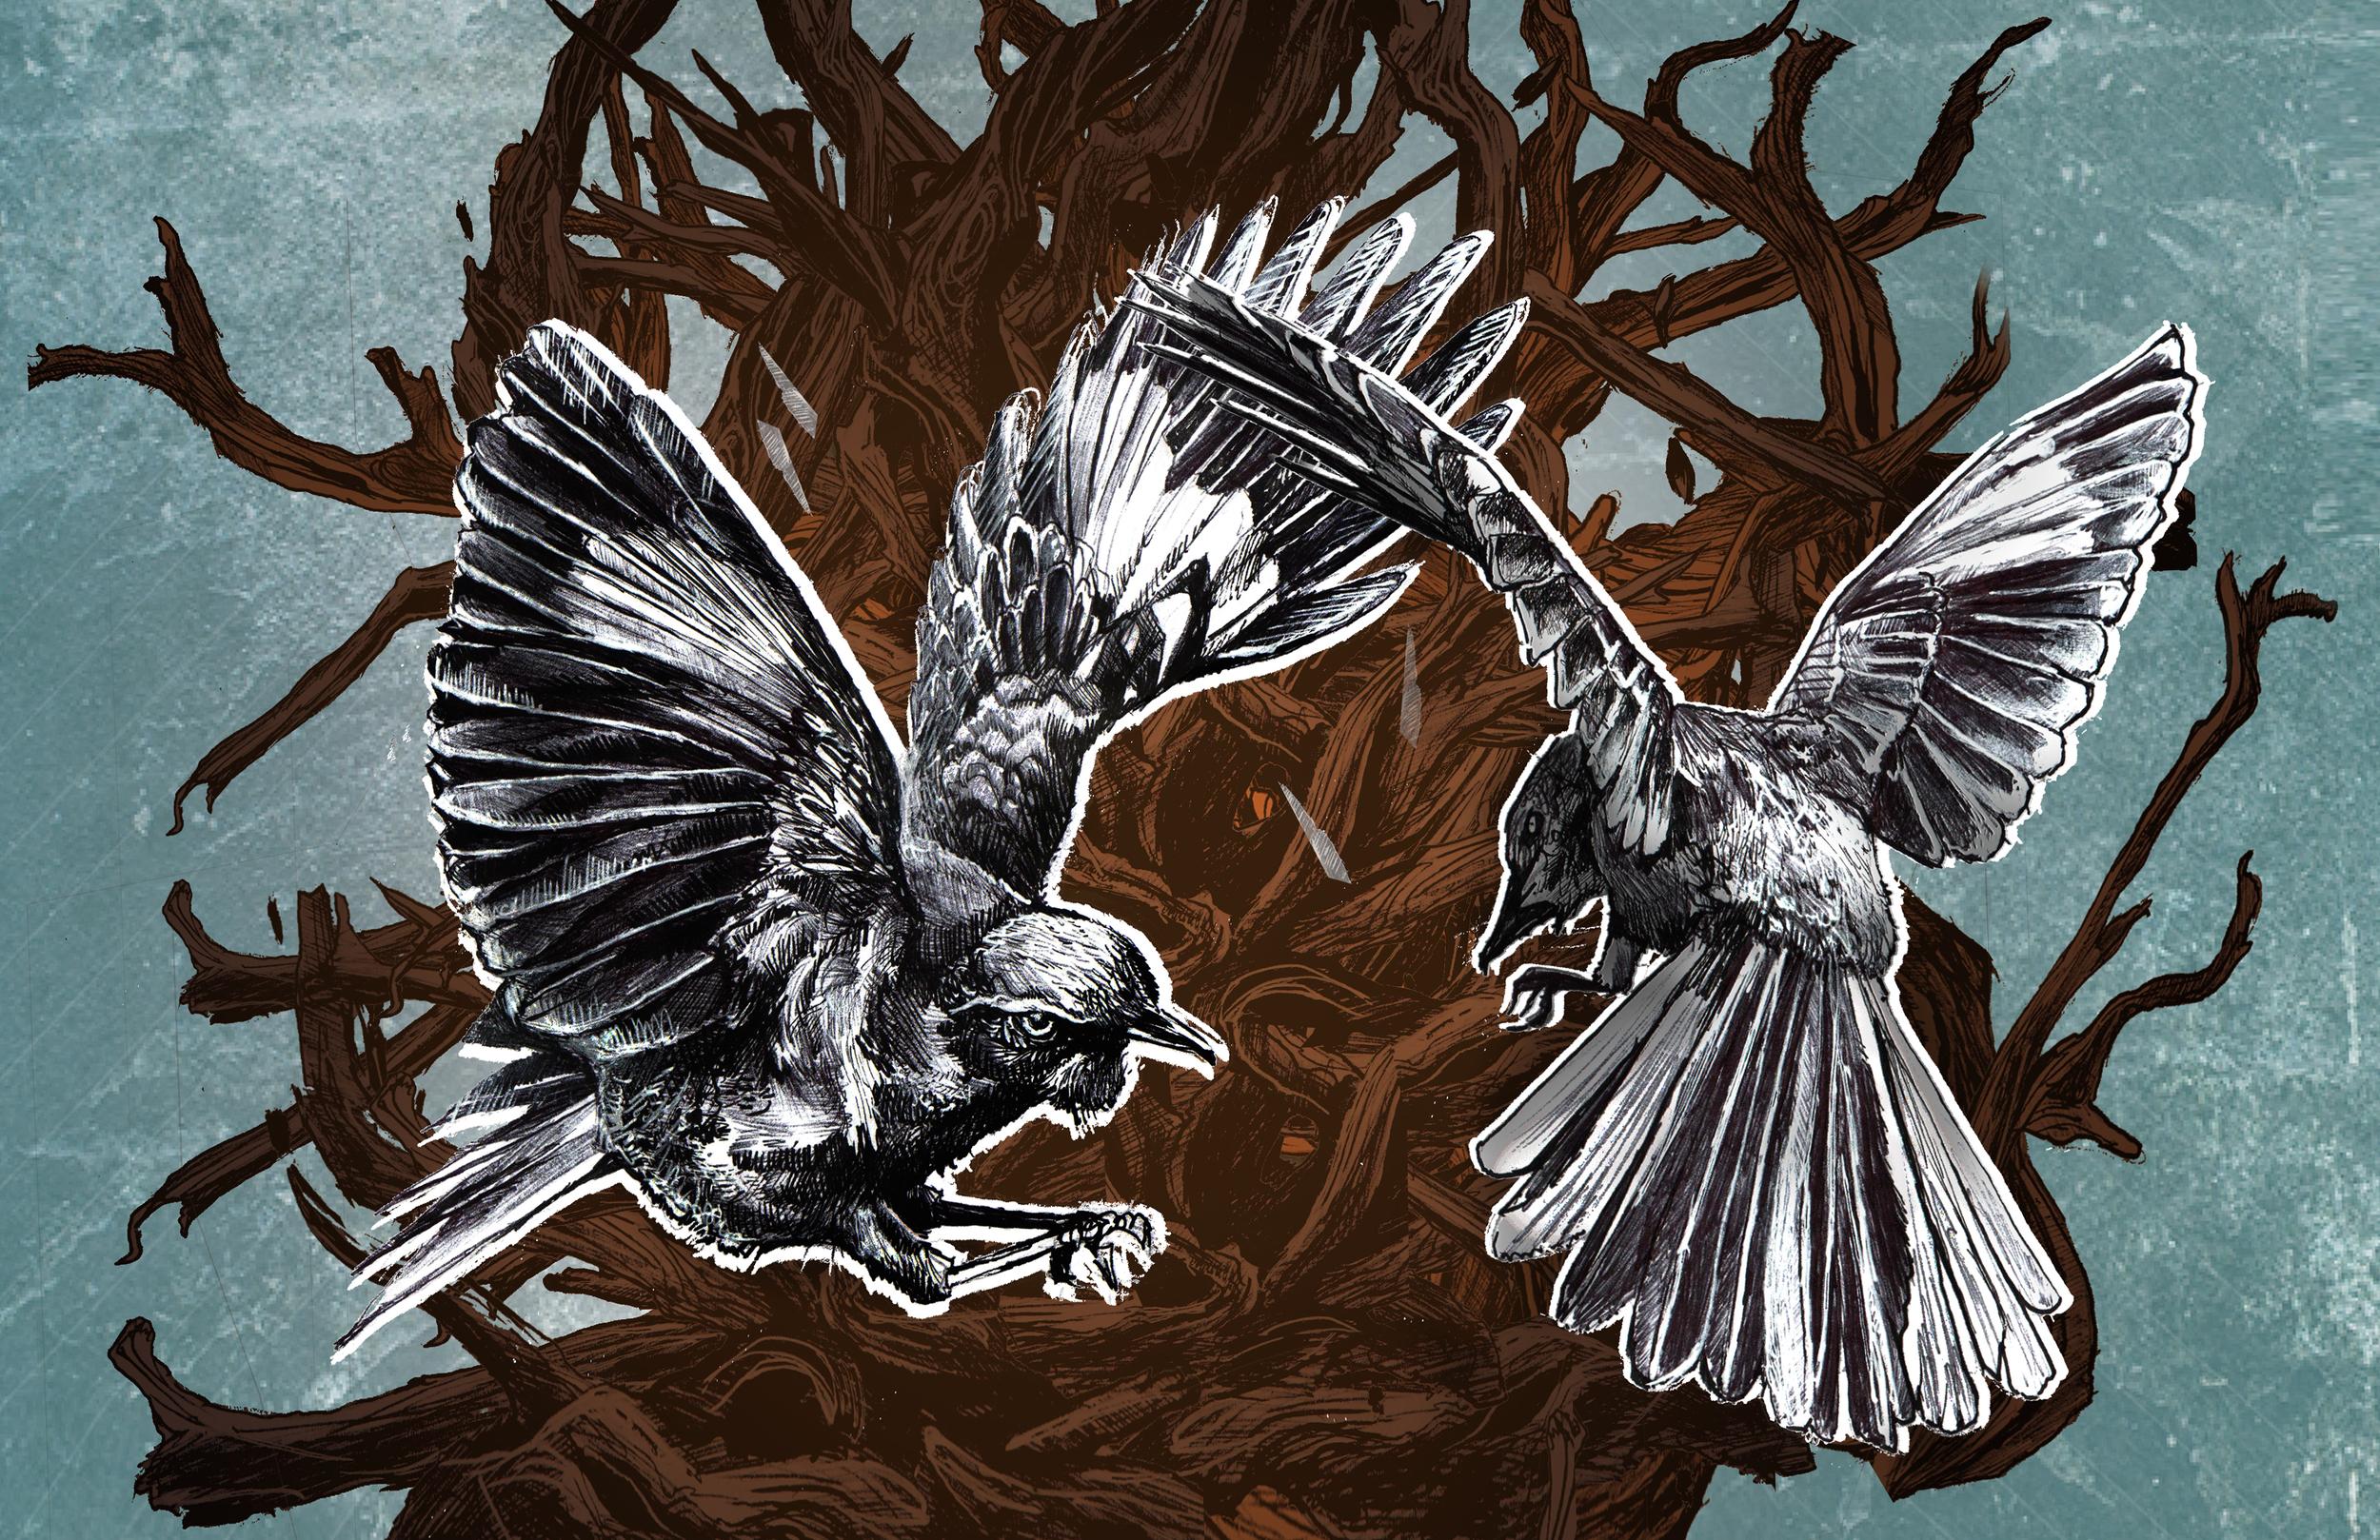 birds fighting 11x17.jpg